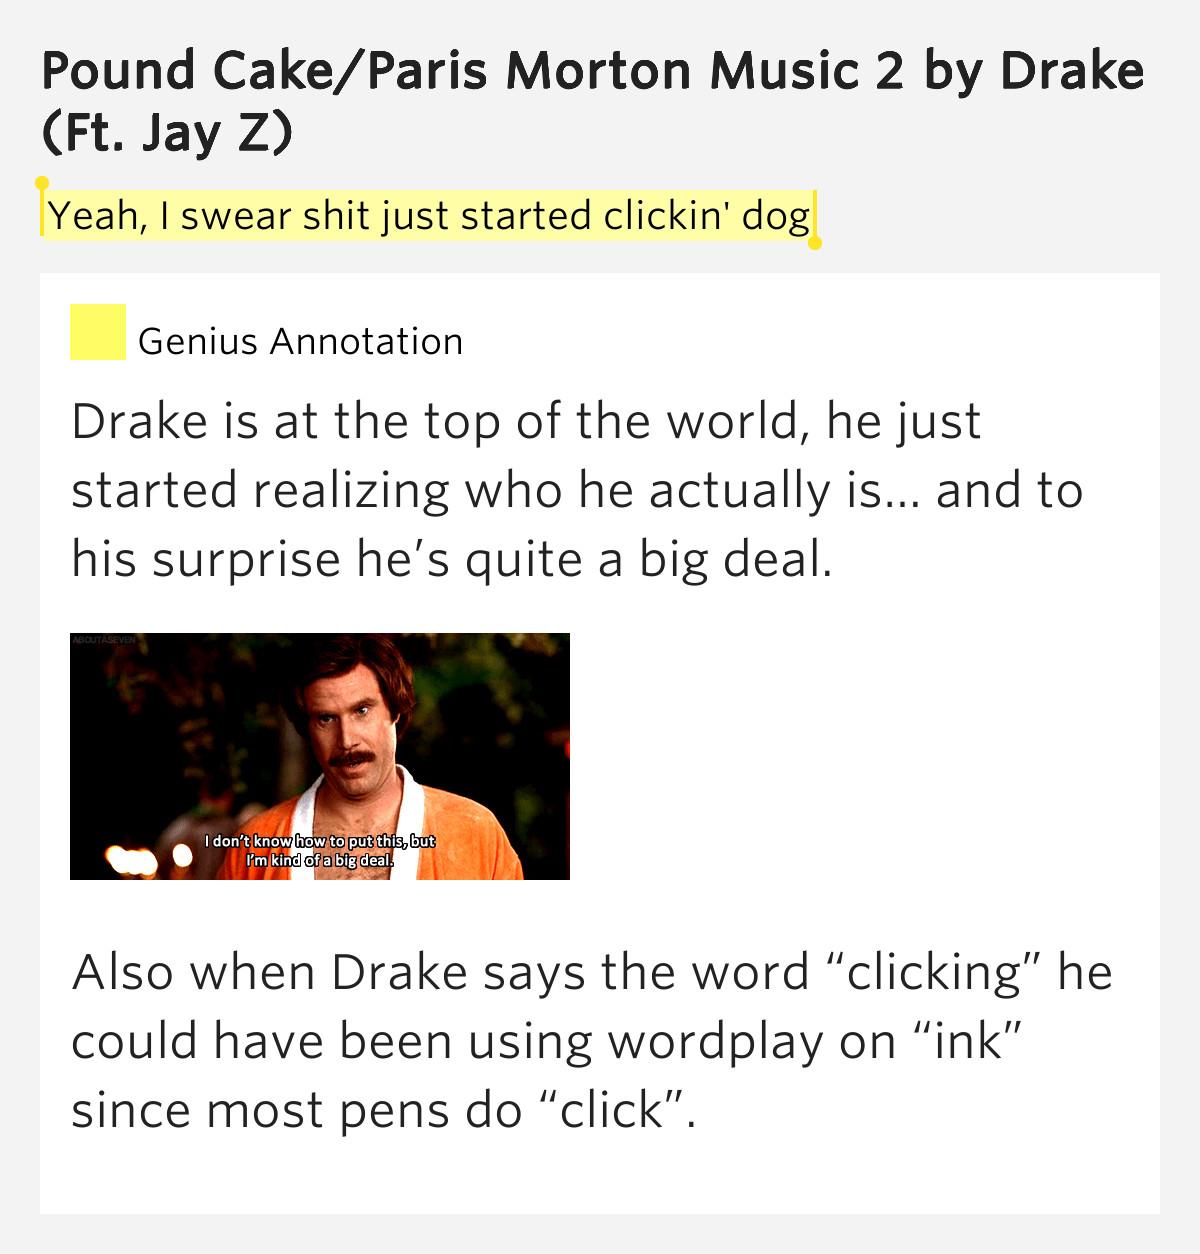 Pound Cake Lyrics  Yeah I swear shit just – Pound Cake Paris Morton Music 2